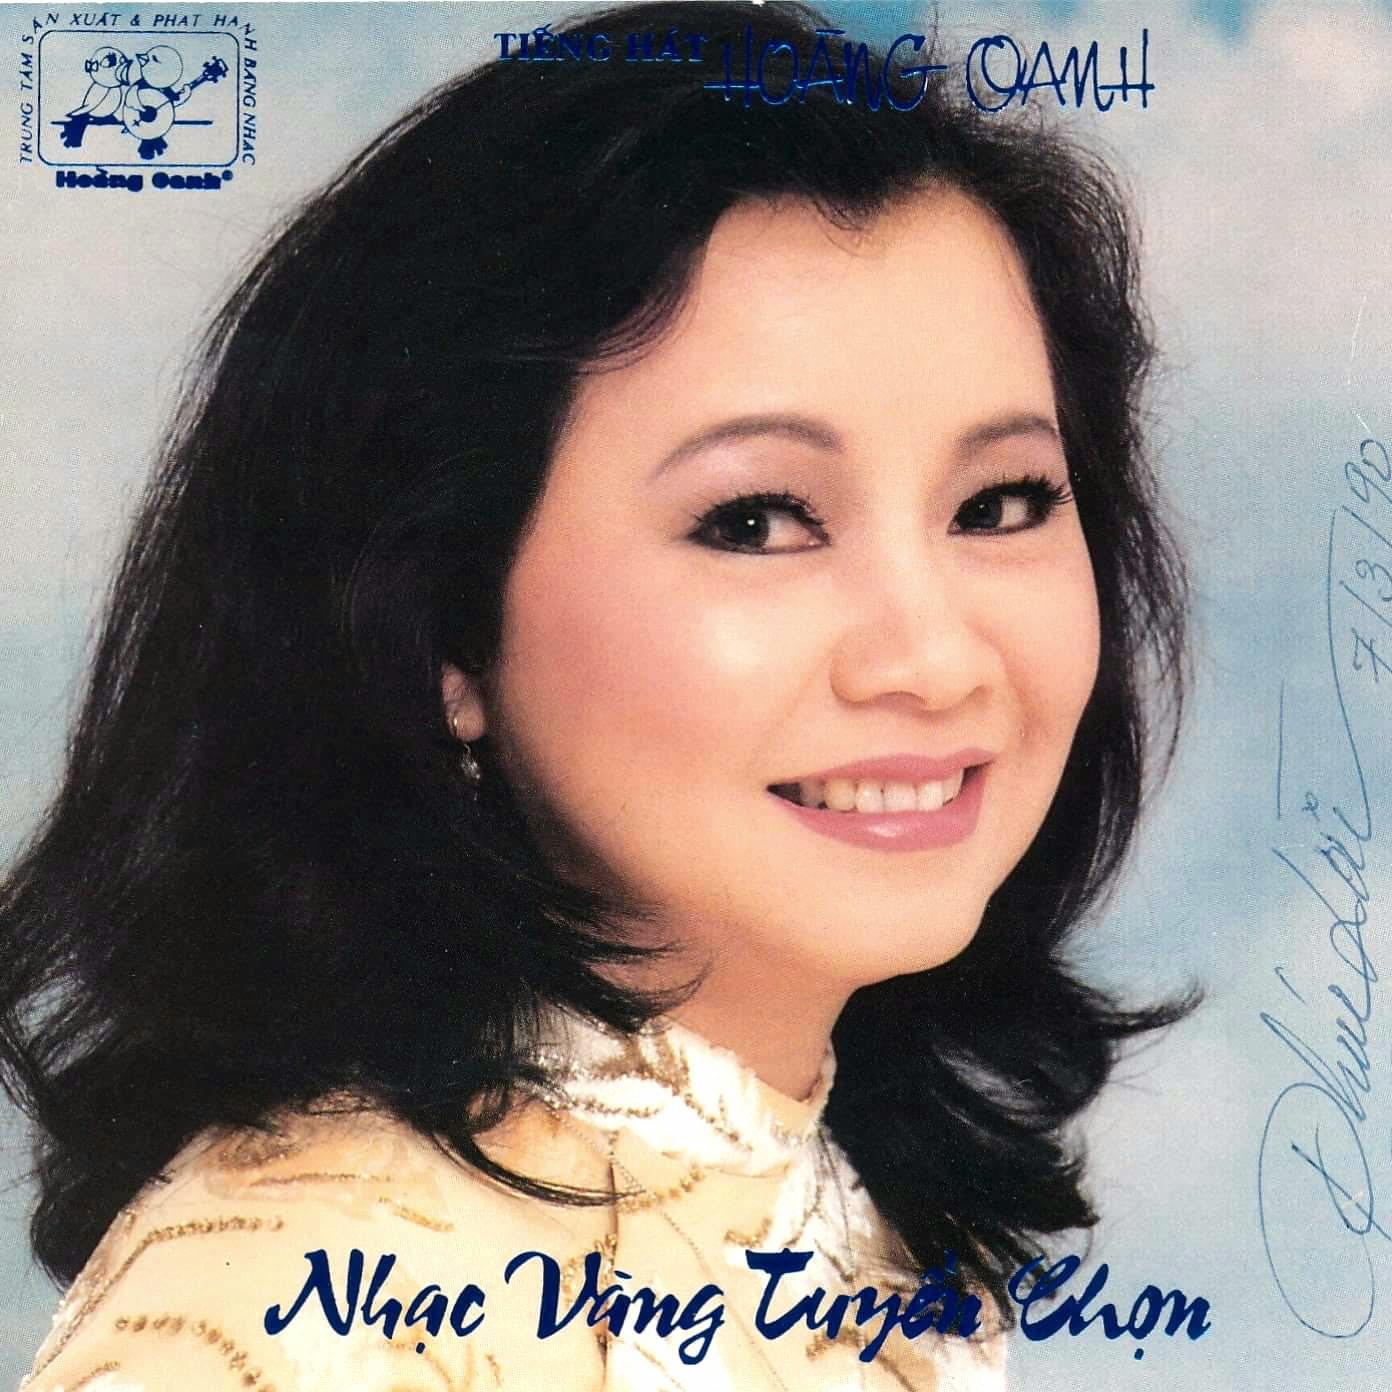 Tuổi 74, danh ca Hoàng Oanh vẫn trẻ đẹp, hạnh phúc bên chồng nhạc sĩ - Ảnh 1.